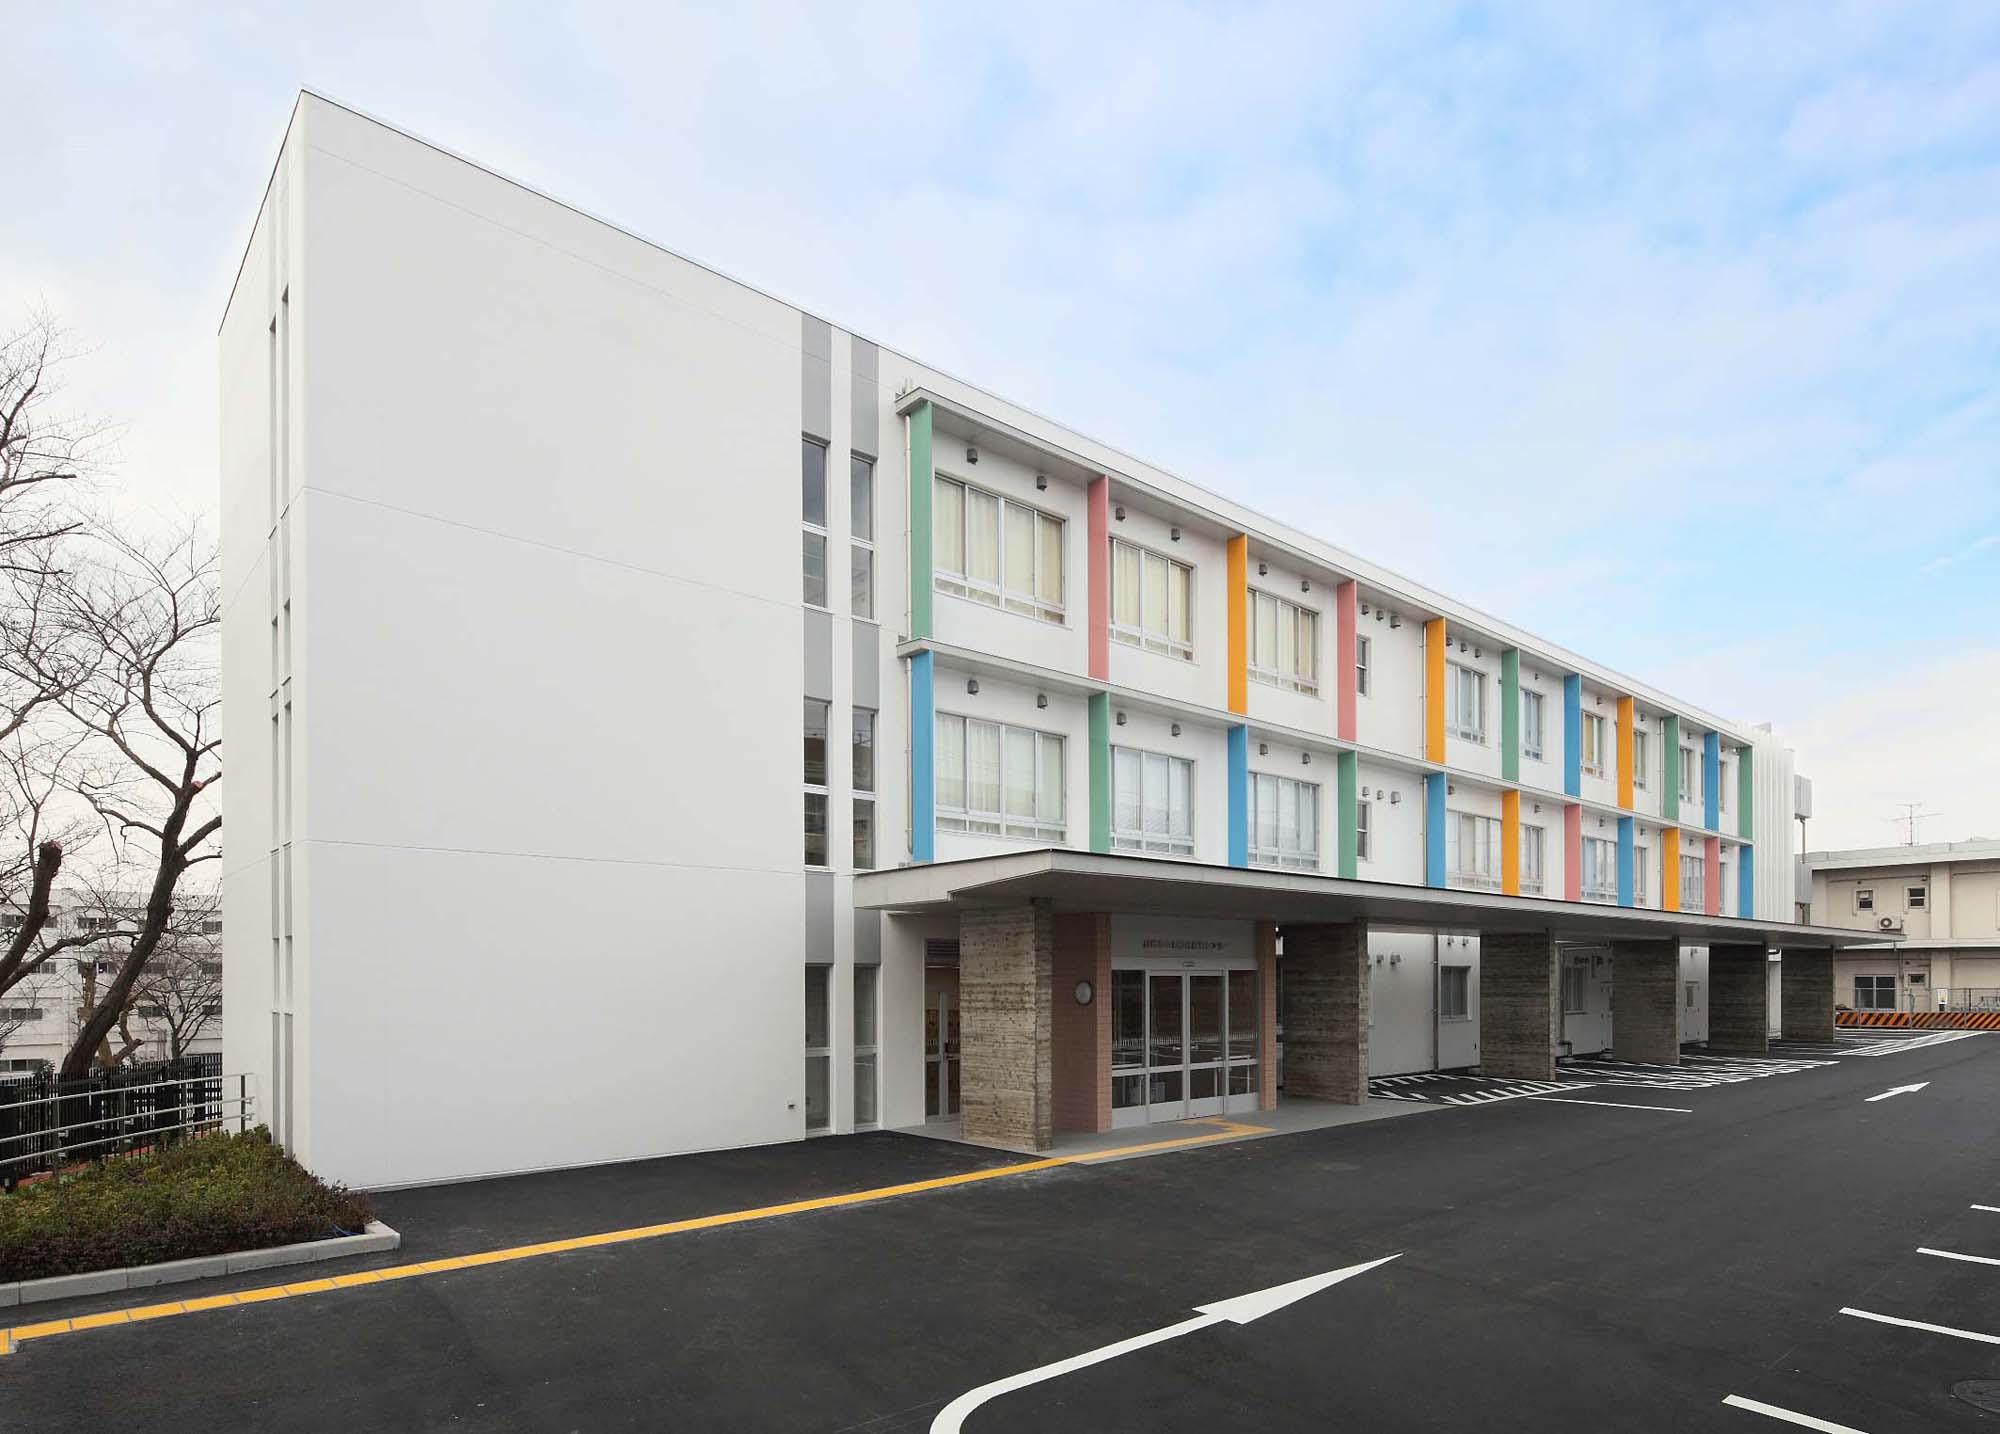 川崎市中央療育センター